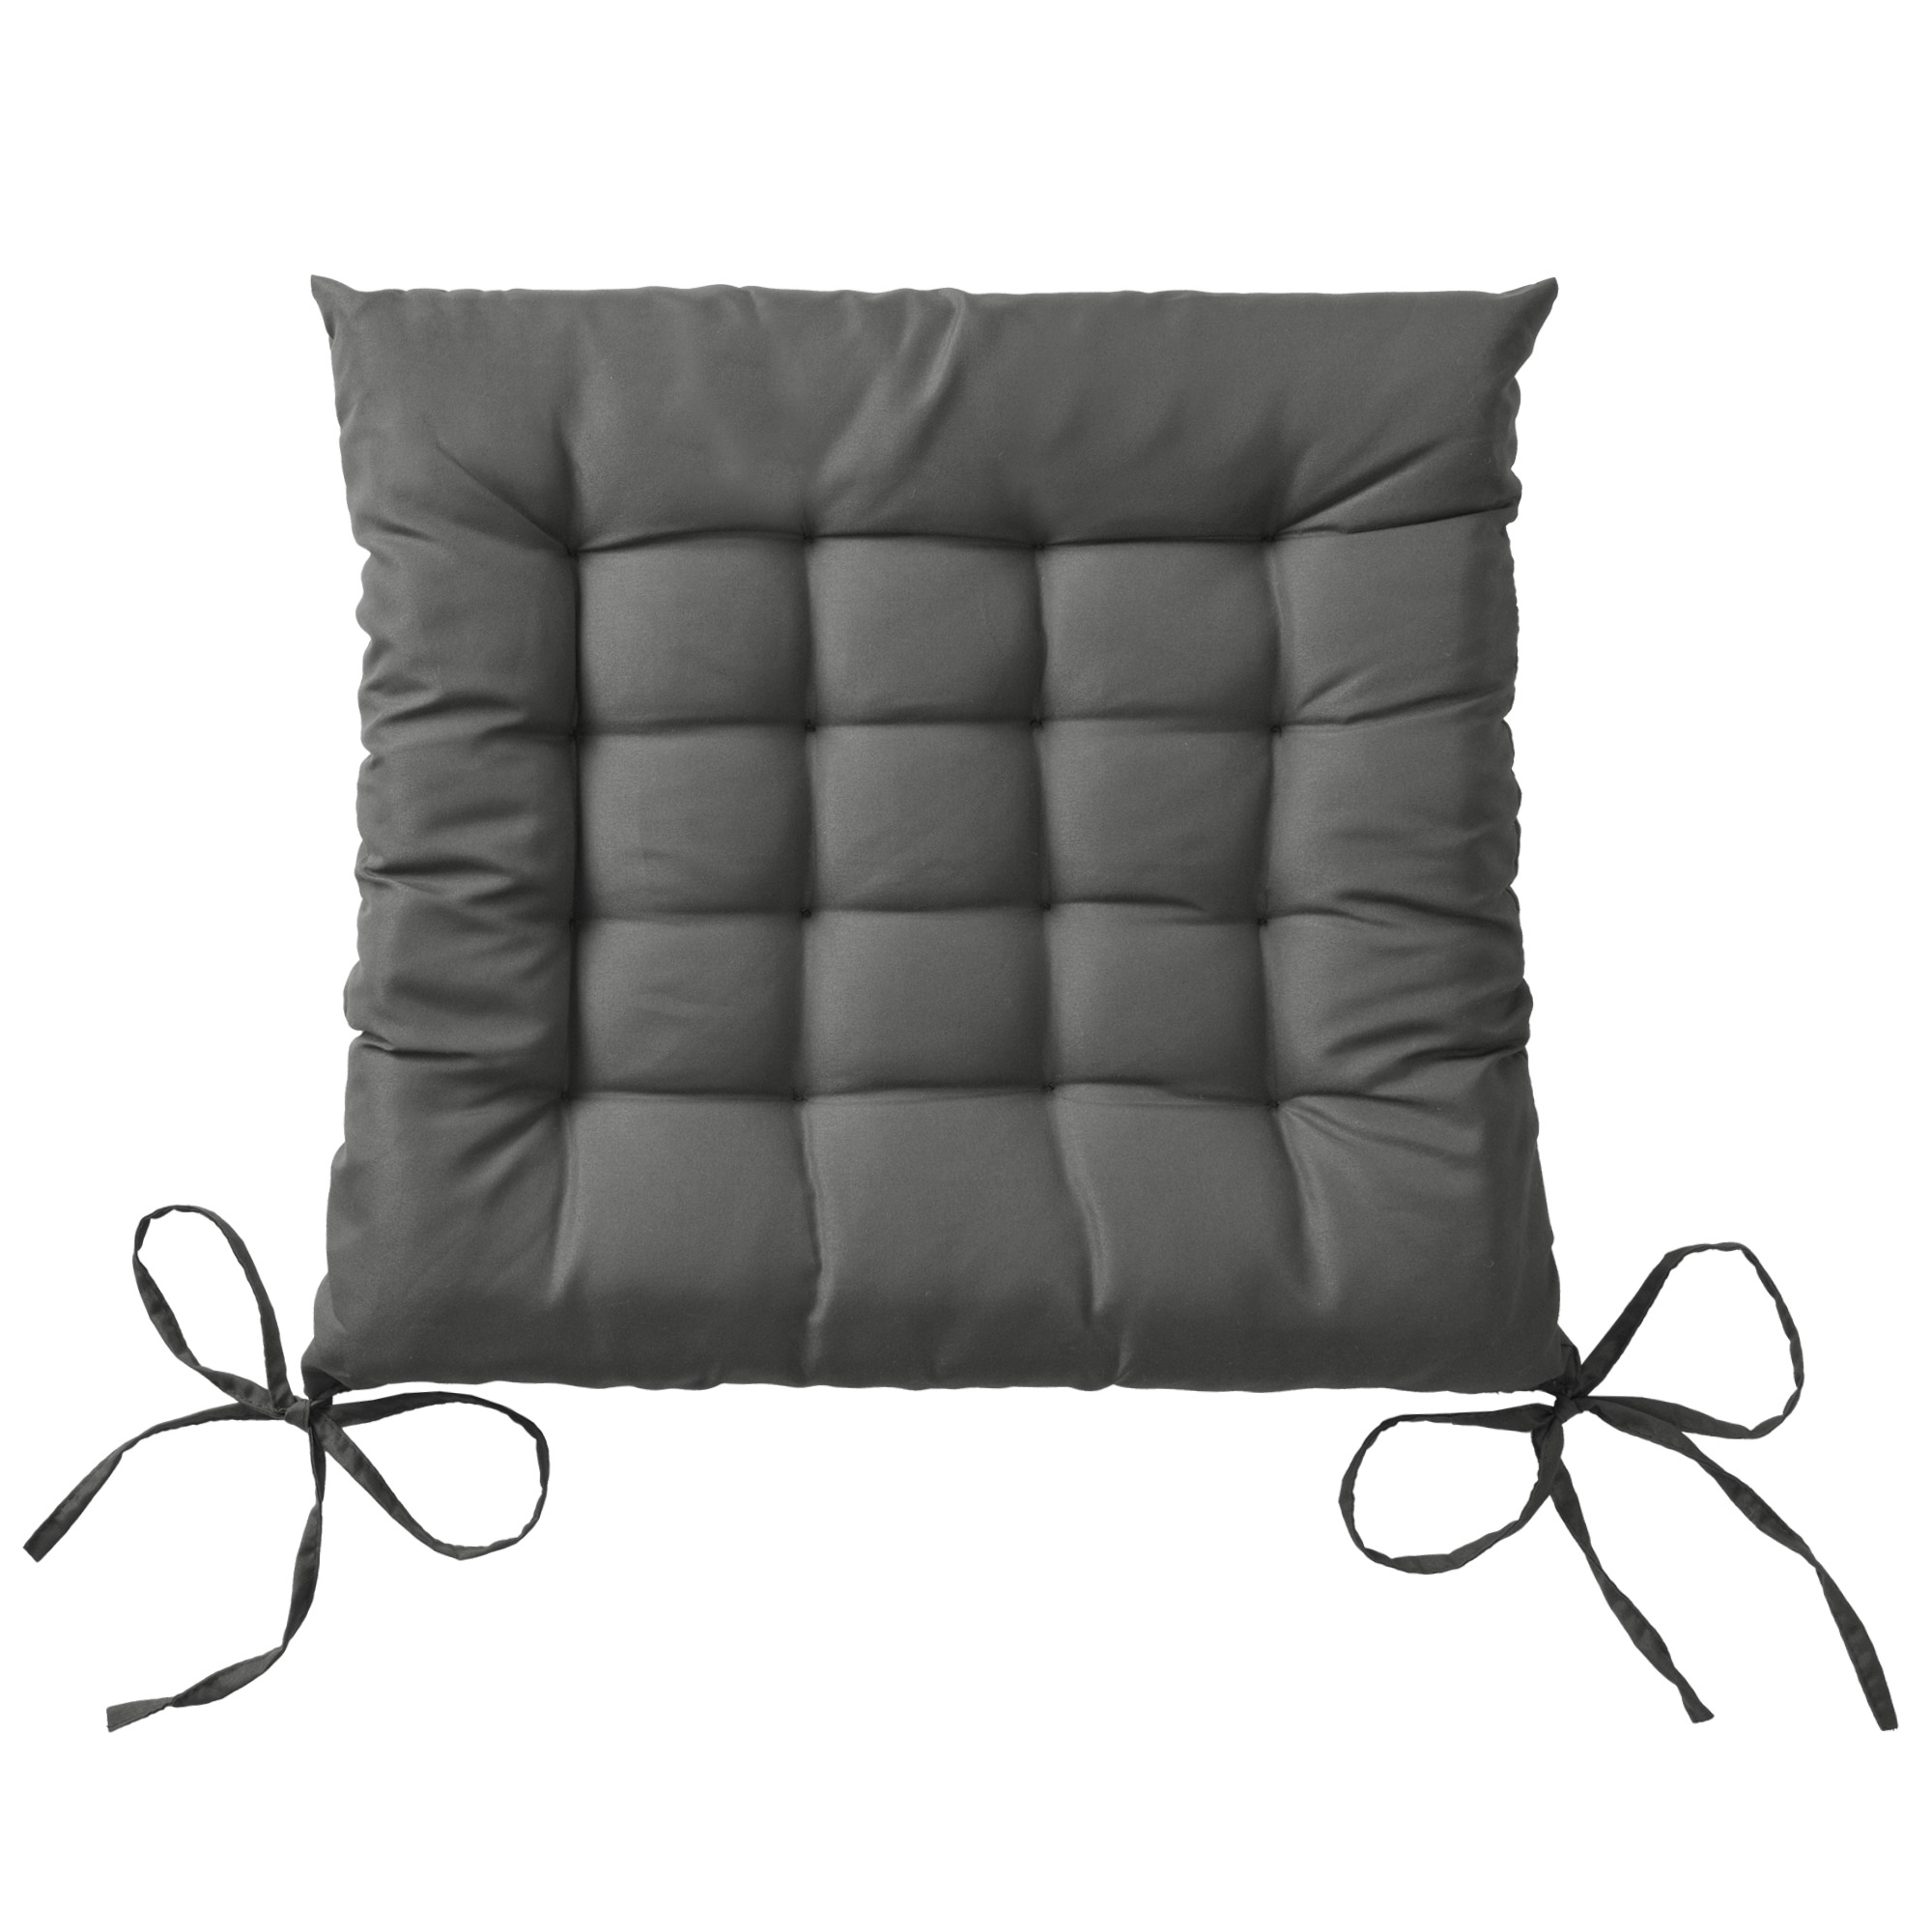 sitzkissen 40x40x5 cm dekokissen stuhlkissen bodenkissen. Black Bedroom Furniture Sets. Home Design Ideas